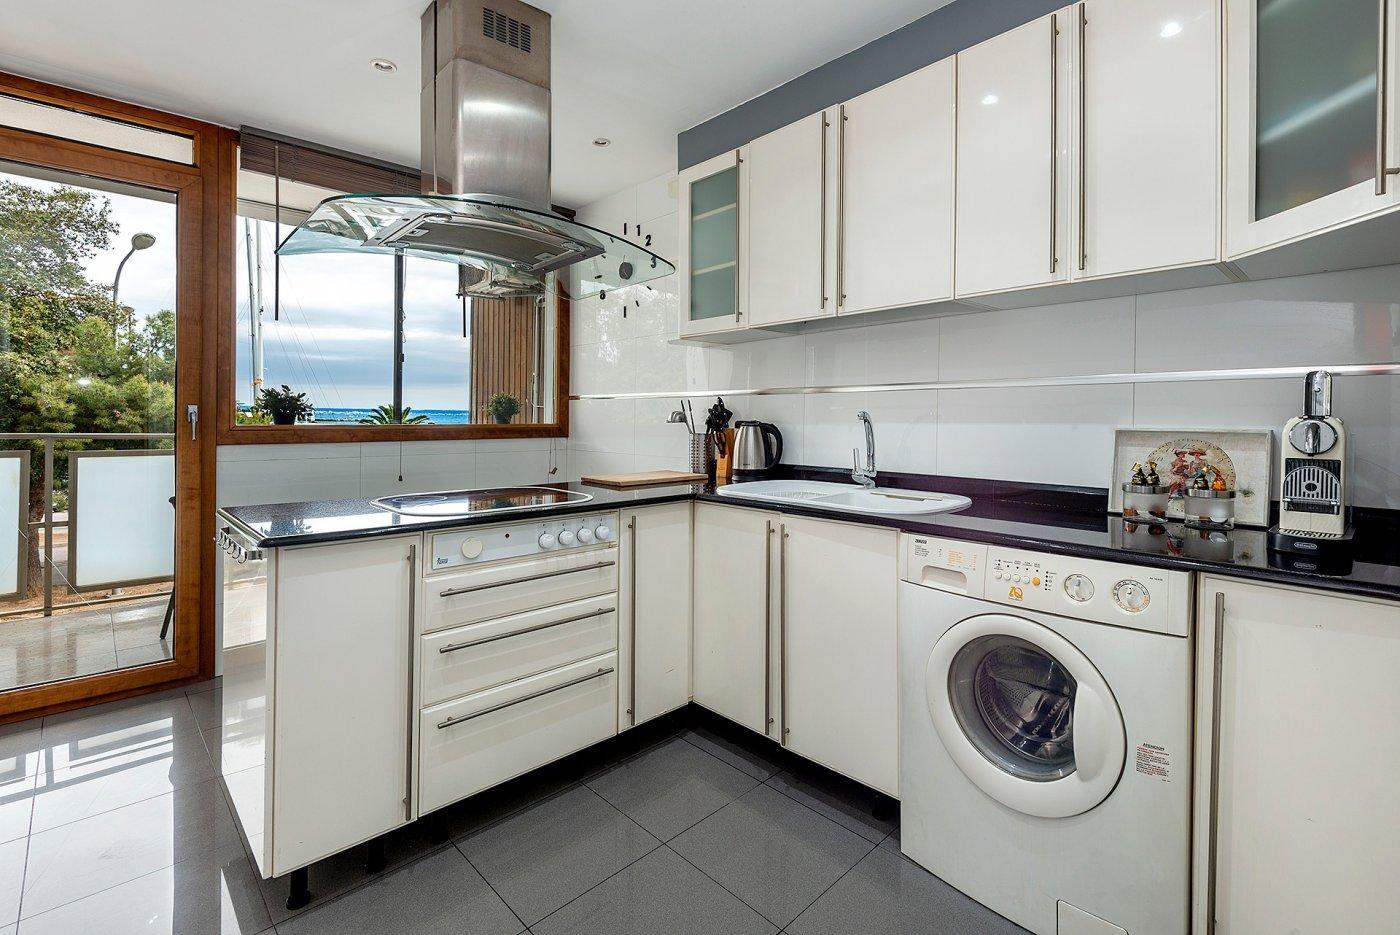 Apartamento con vistas al mar en paseo marítimo - imagenInmueble3